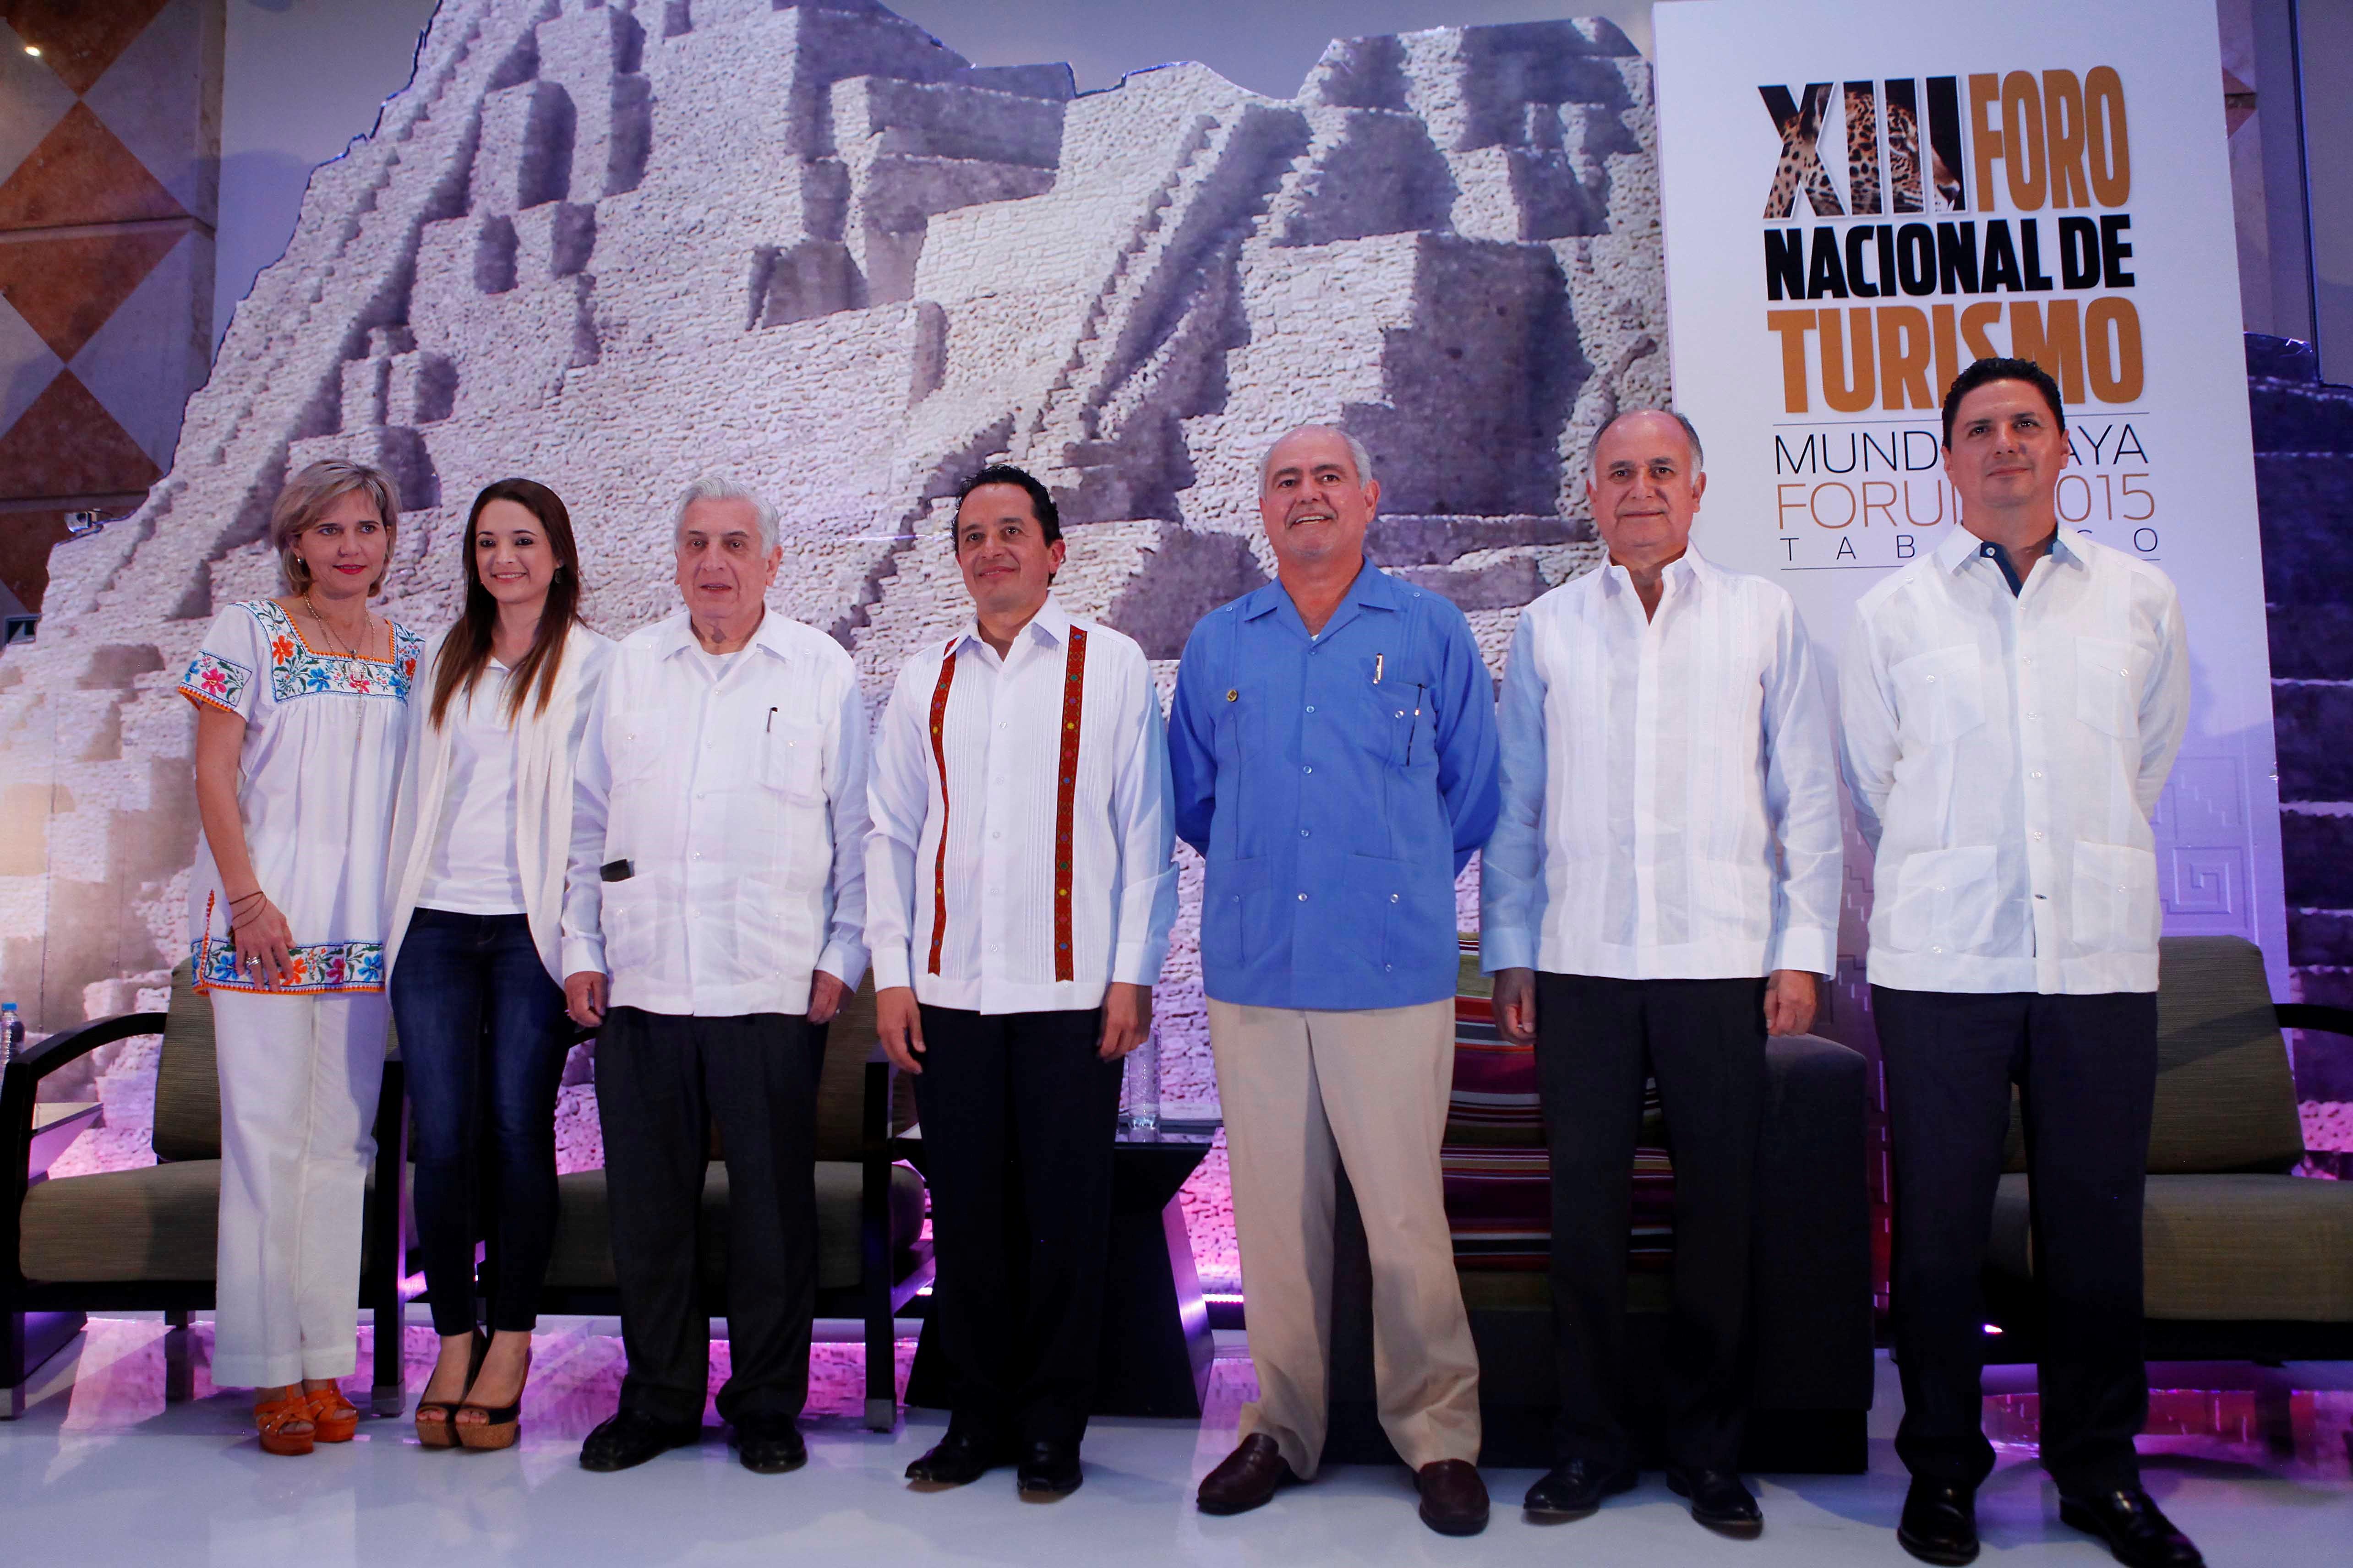 Carlos Joaquín González, subsecretario de Innovación y Desarrollo Turístico de la SECTUR, inauguró los trabajos del XIII Foro Nacional de Turismo.